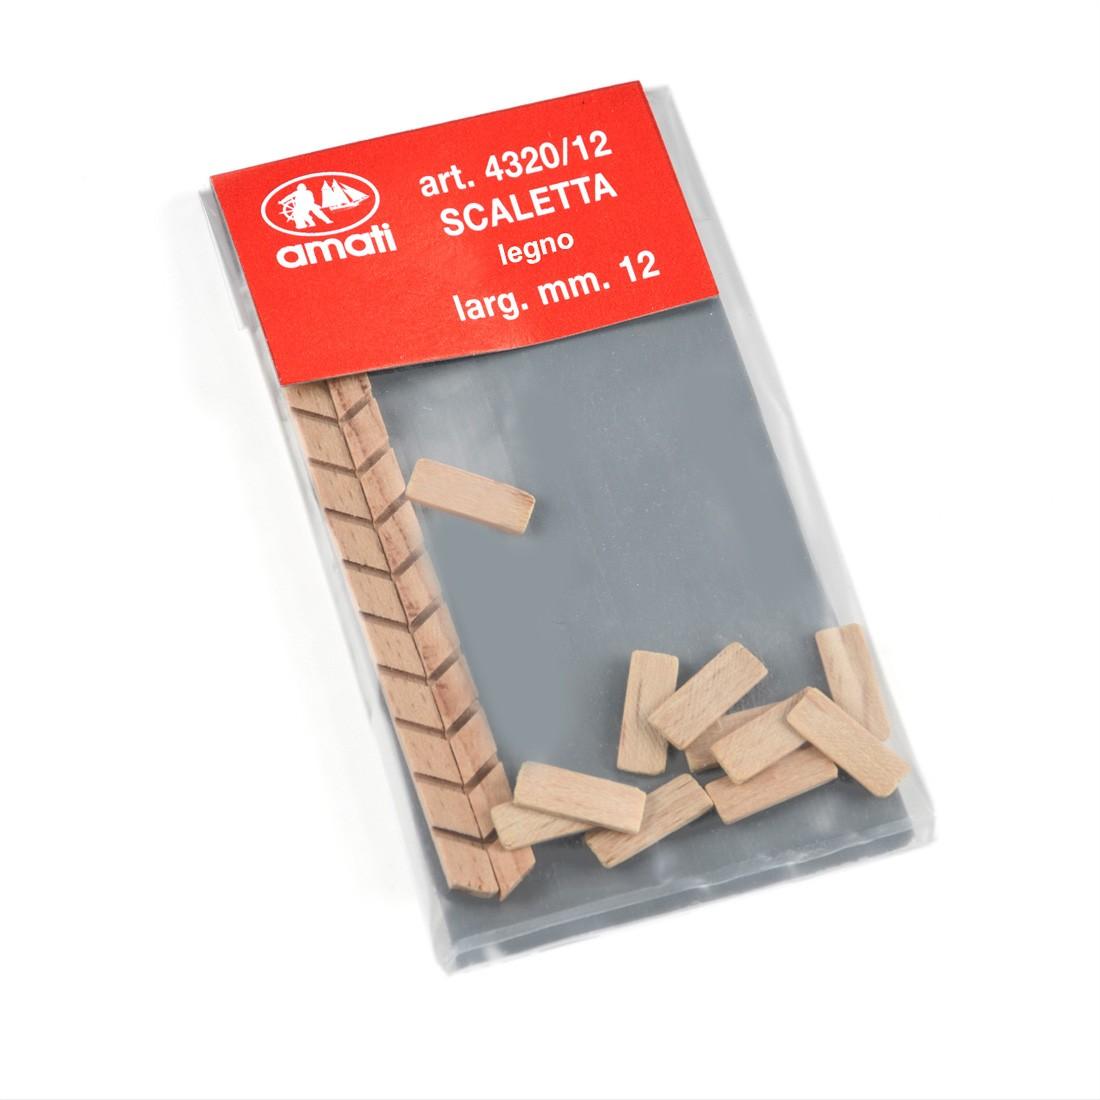 Scalette legno largh.mm.12